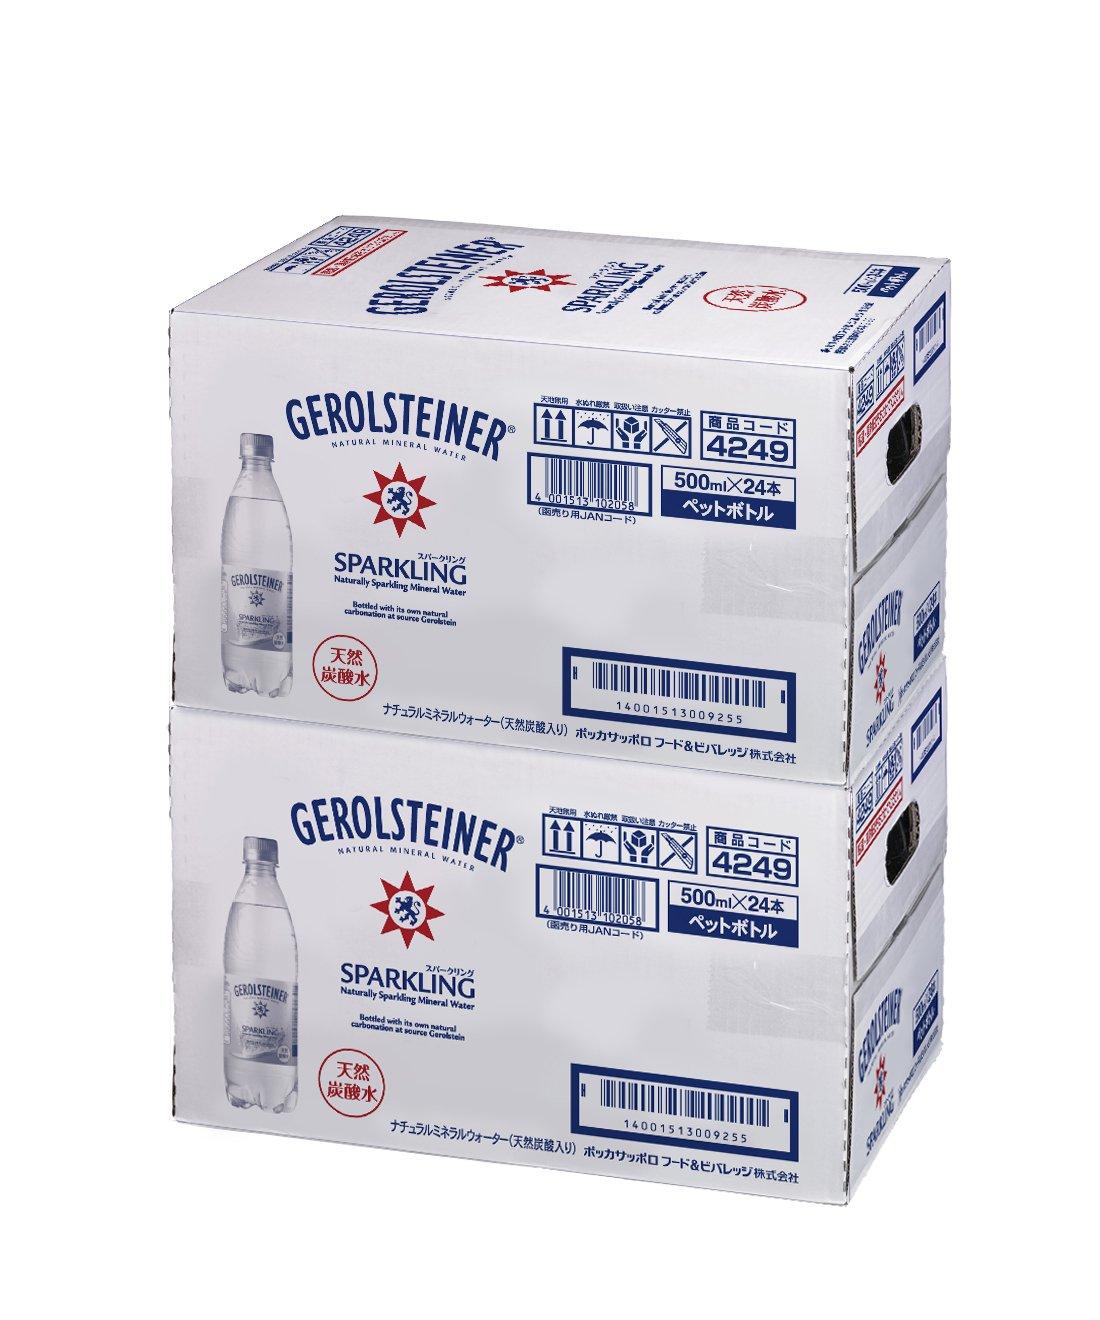 Sapporo GEROLSTEINER (Gerorushutaina) (500mlX24 present) X2 boxes by GEROLSTEINER (Gerorushutaina)